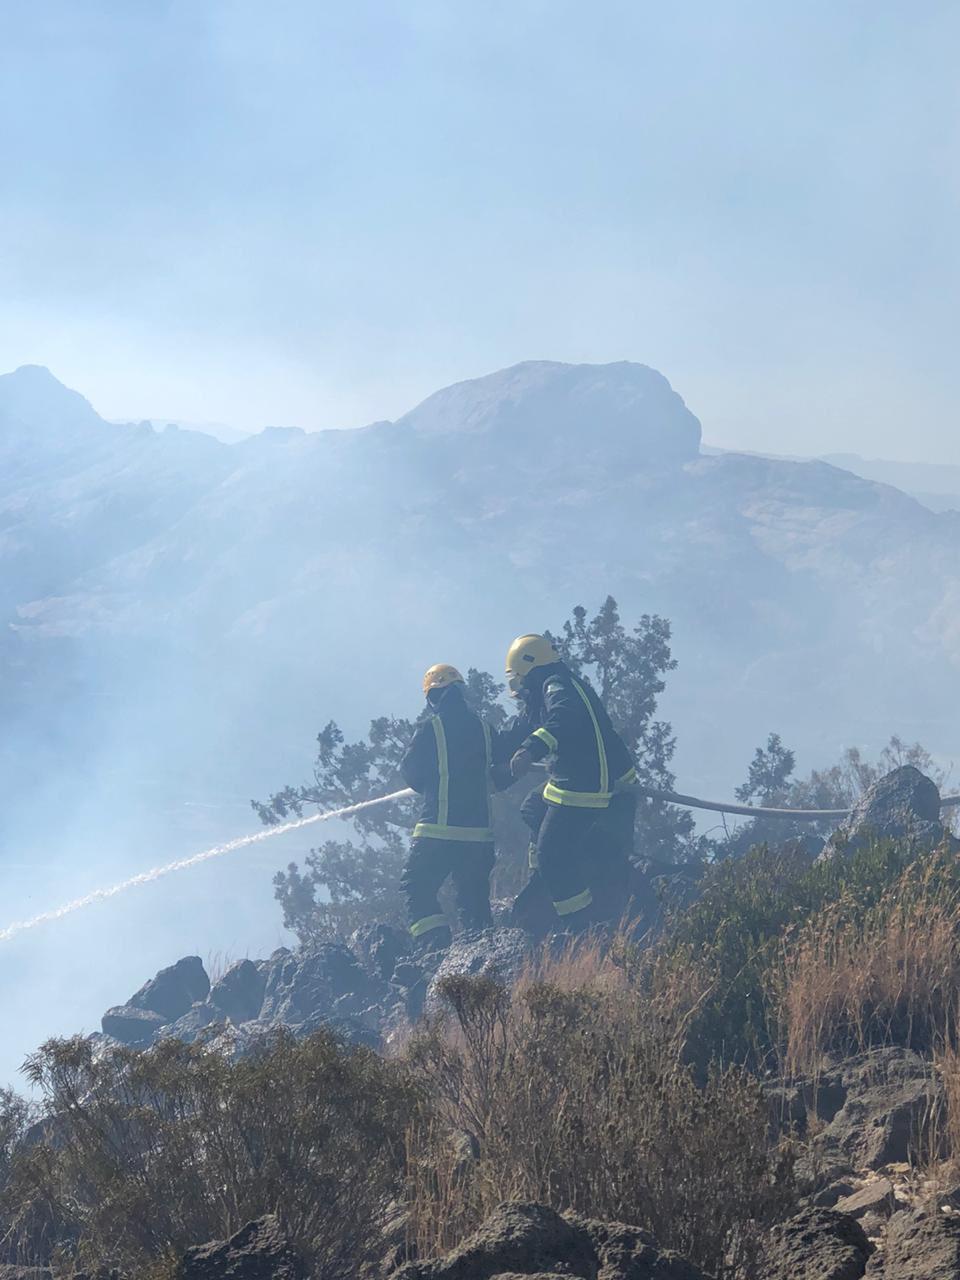 شاهد.. فيديو من الأجواء يوثق الأضرار الناجمة عن حريق تنومة